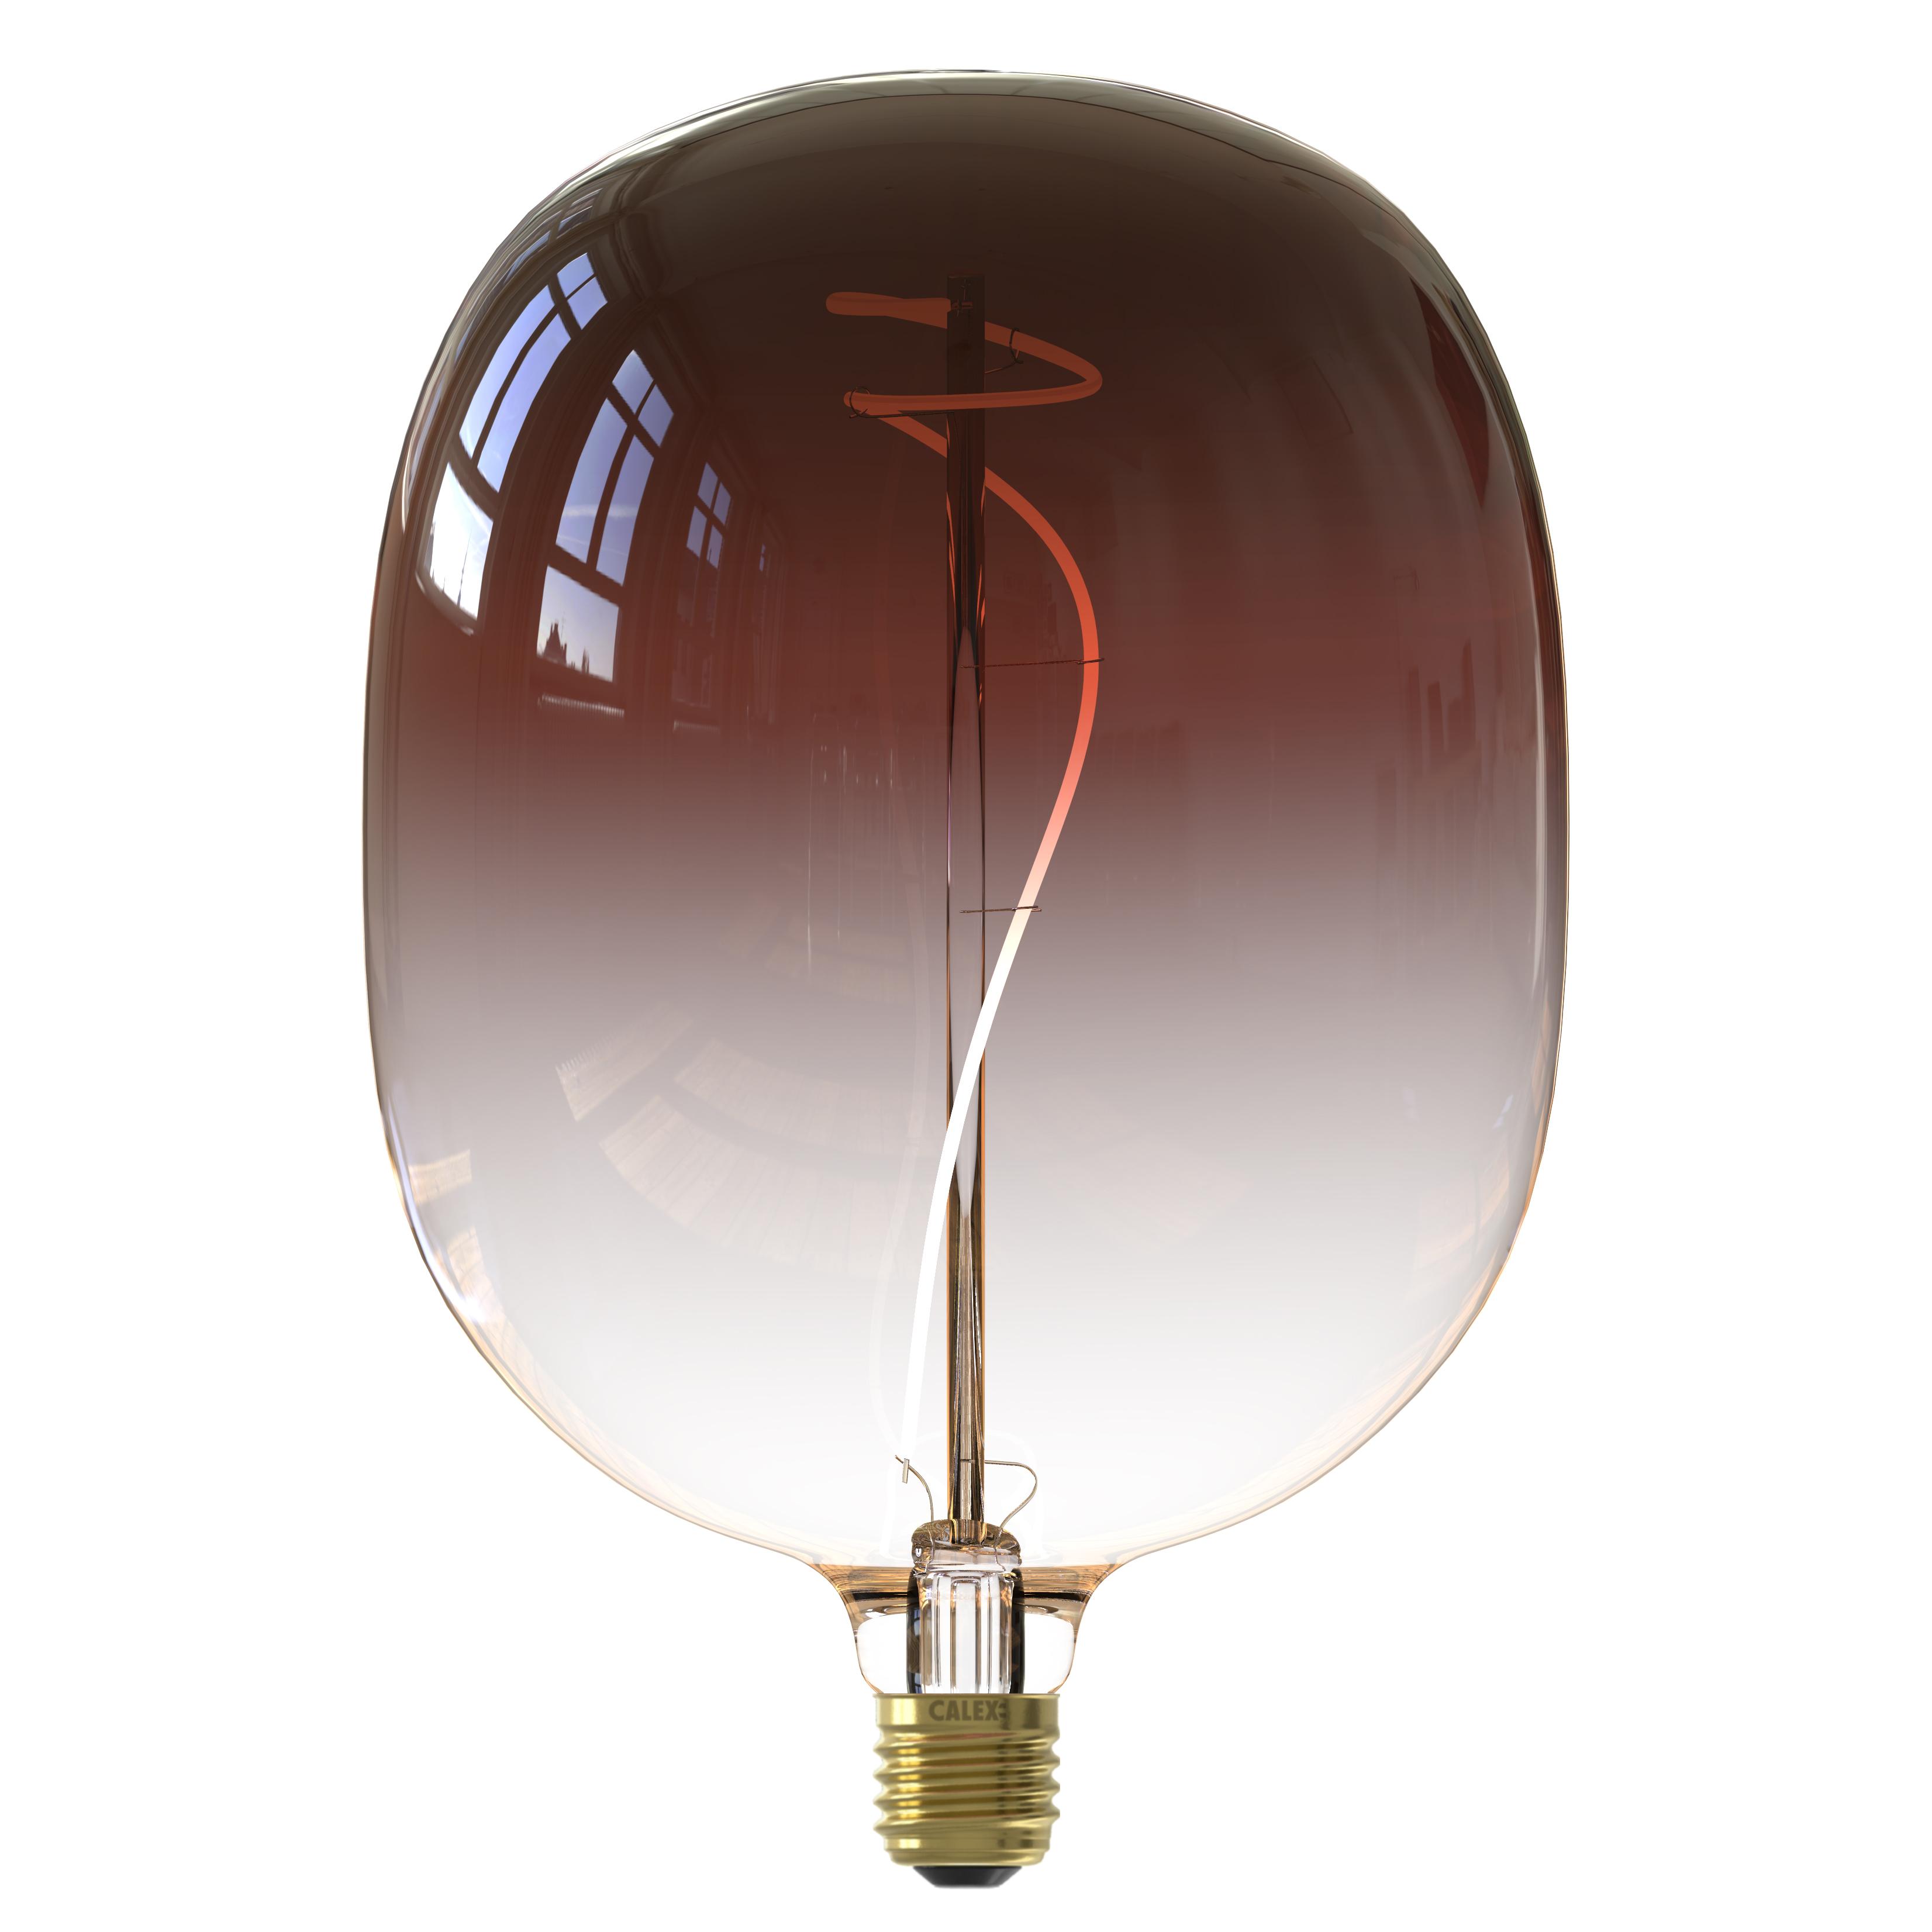 Ampoule filament décorative en verre marron